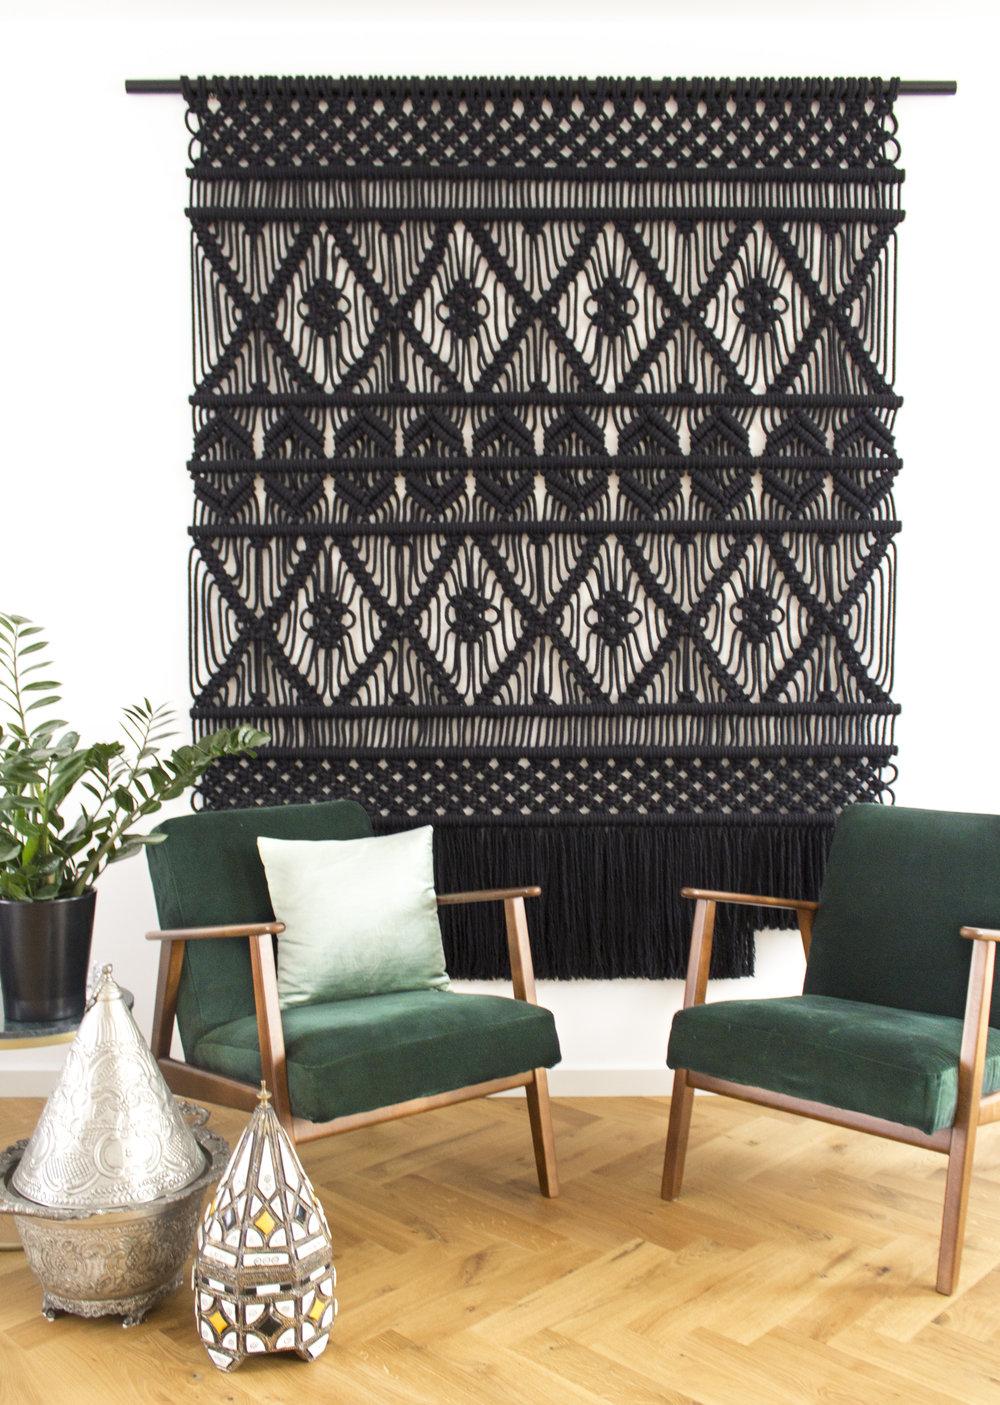 decoração de inverno com tapete pendurado na parede